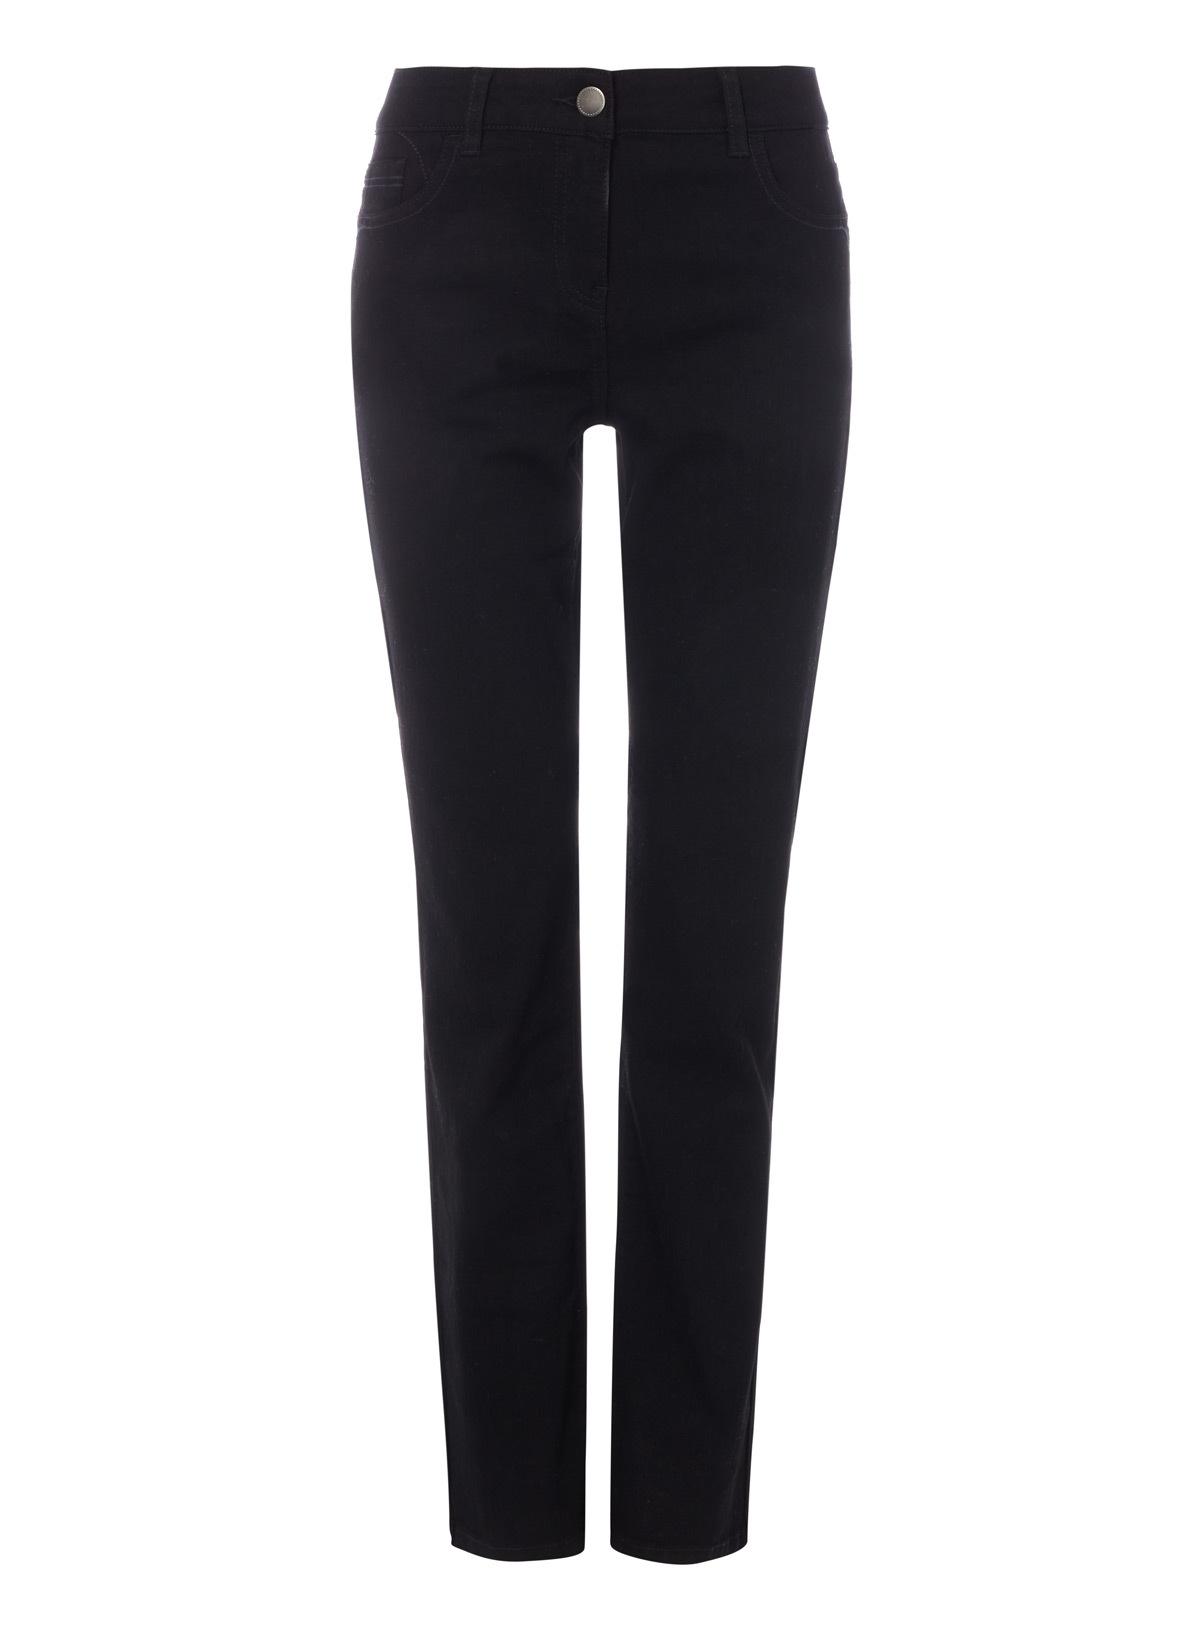 Womens Black Straight Leg Jeans   Tu clothing